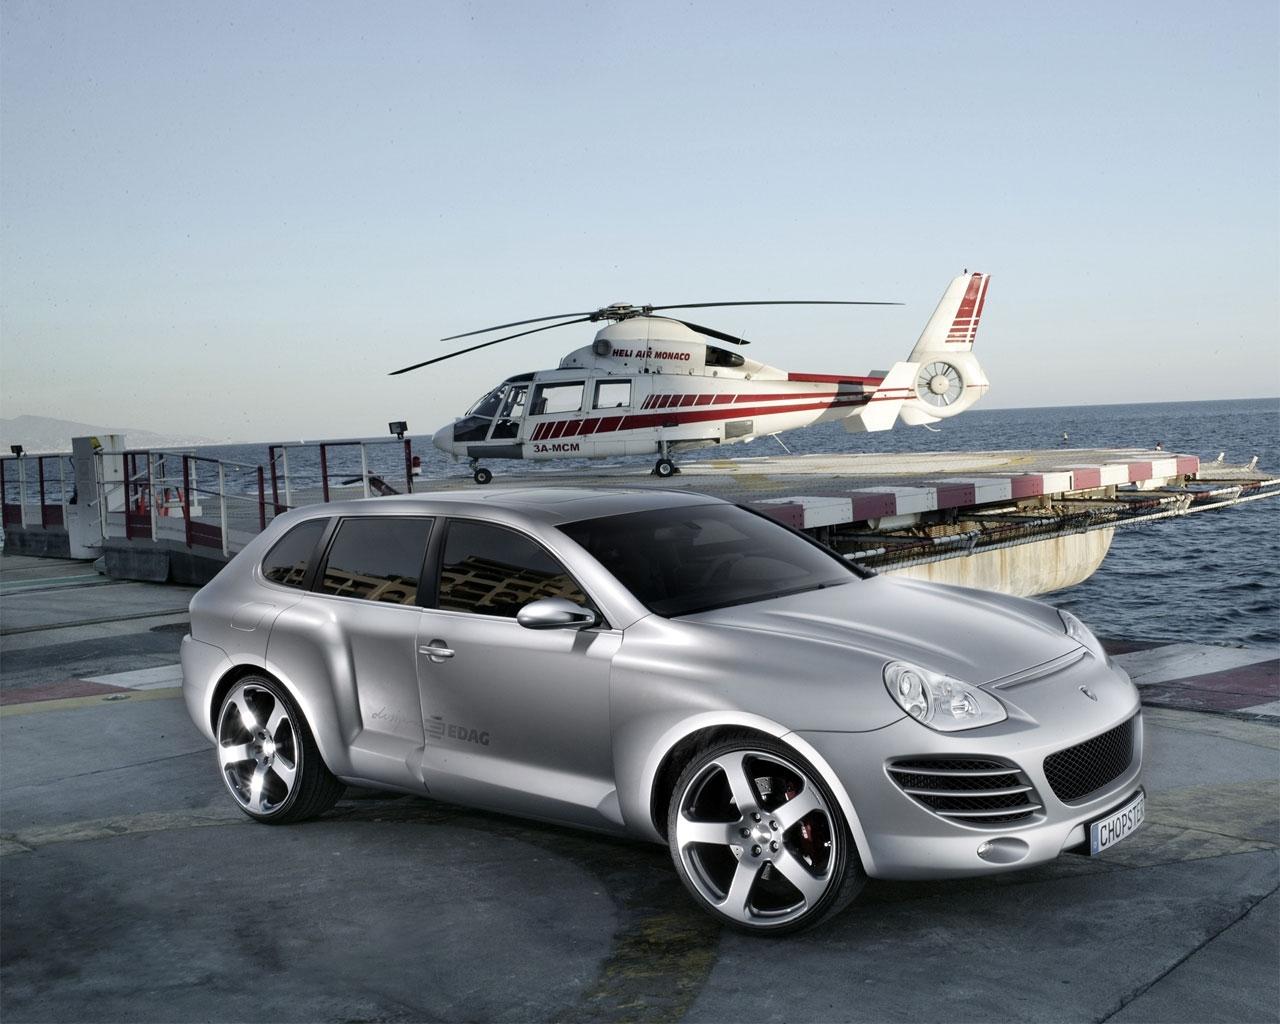 404 Hintergrundbild herunterladen Transport, Auto, Porsche, Hubschrauber, Chopster - Bildschirmschoner und Bilder kostenlos